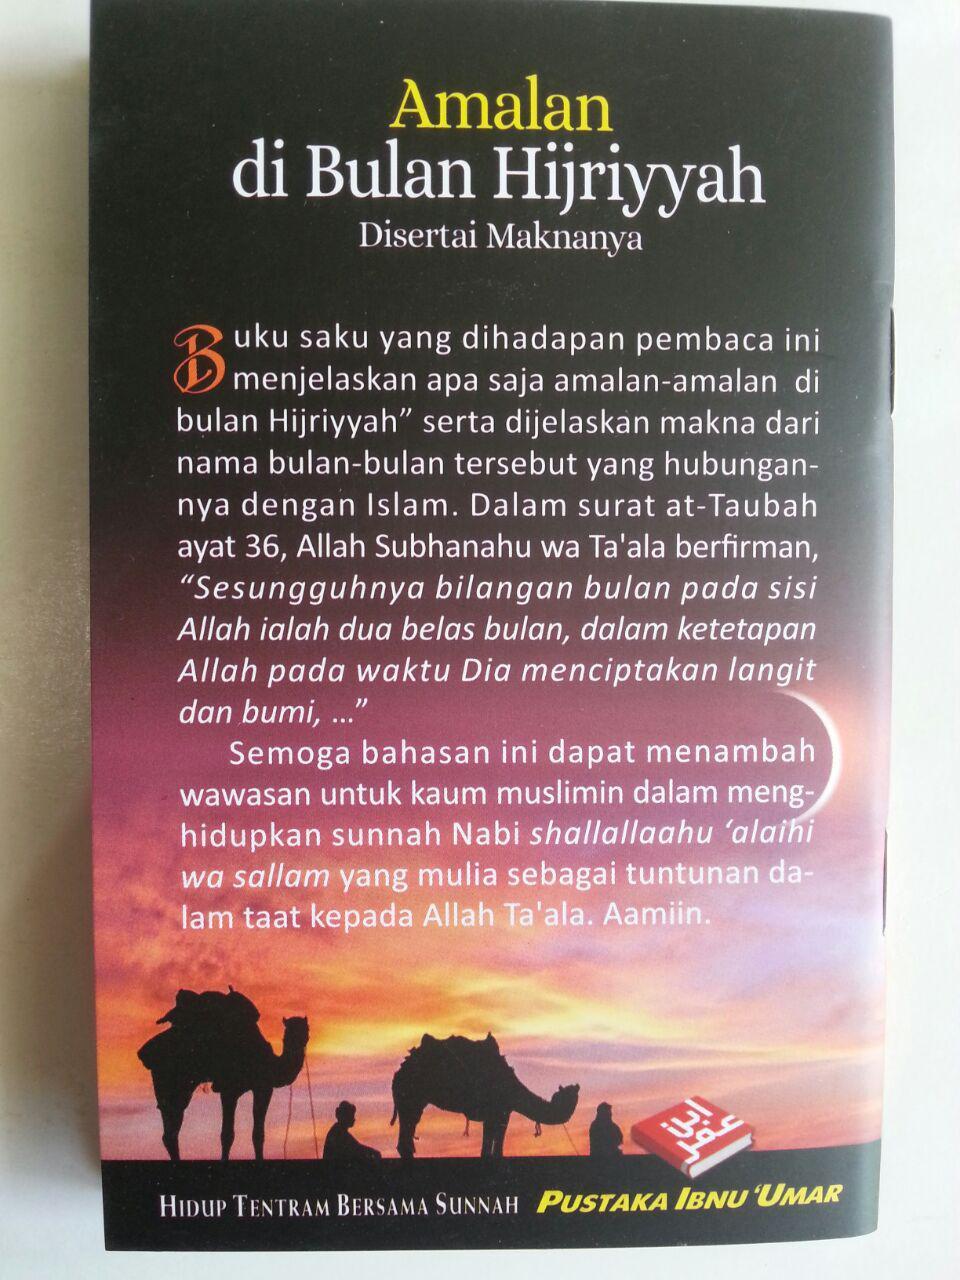 Buku Saku Amalan Di Bulan Hijriyyah Disertai Maknanya cover